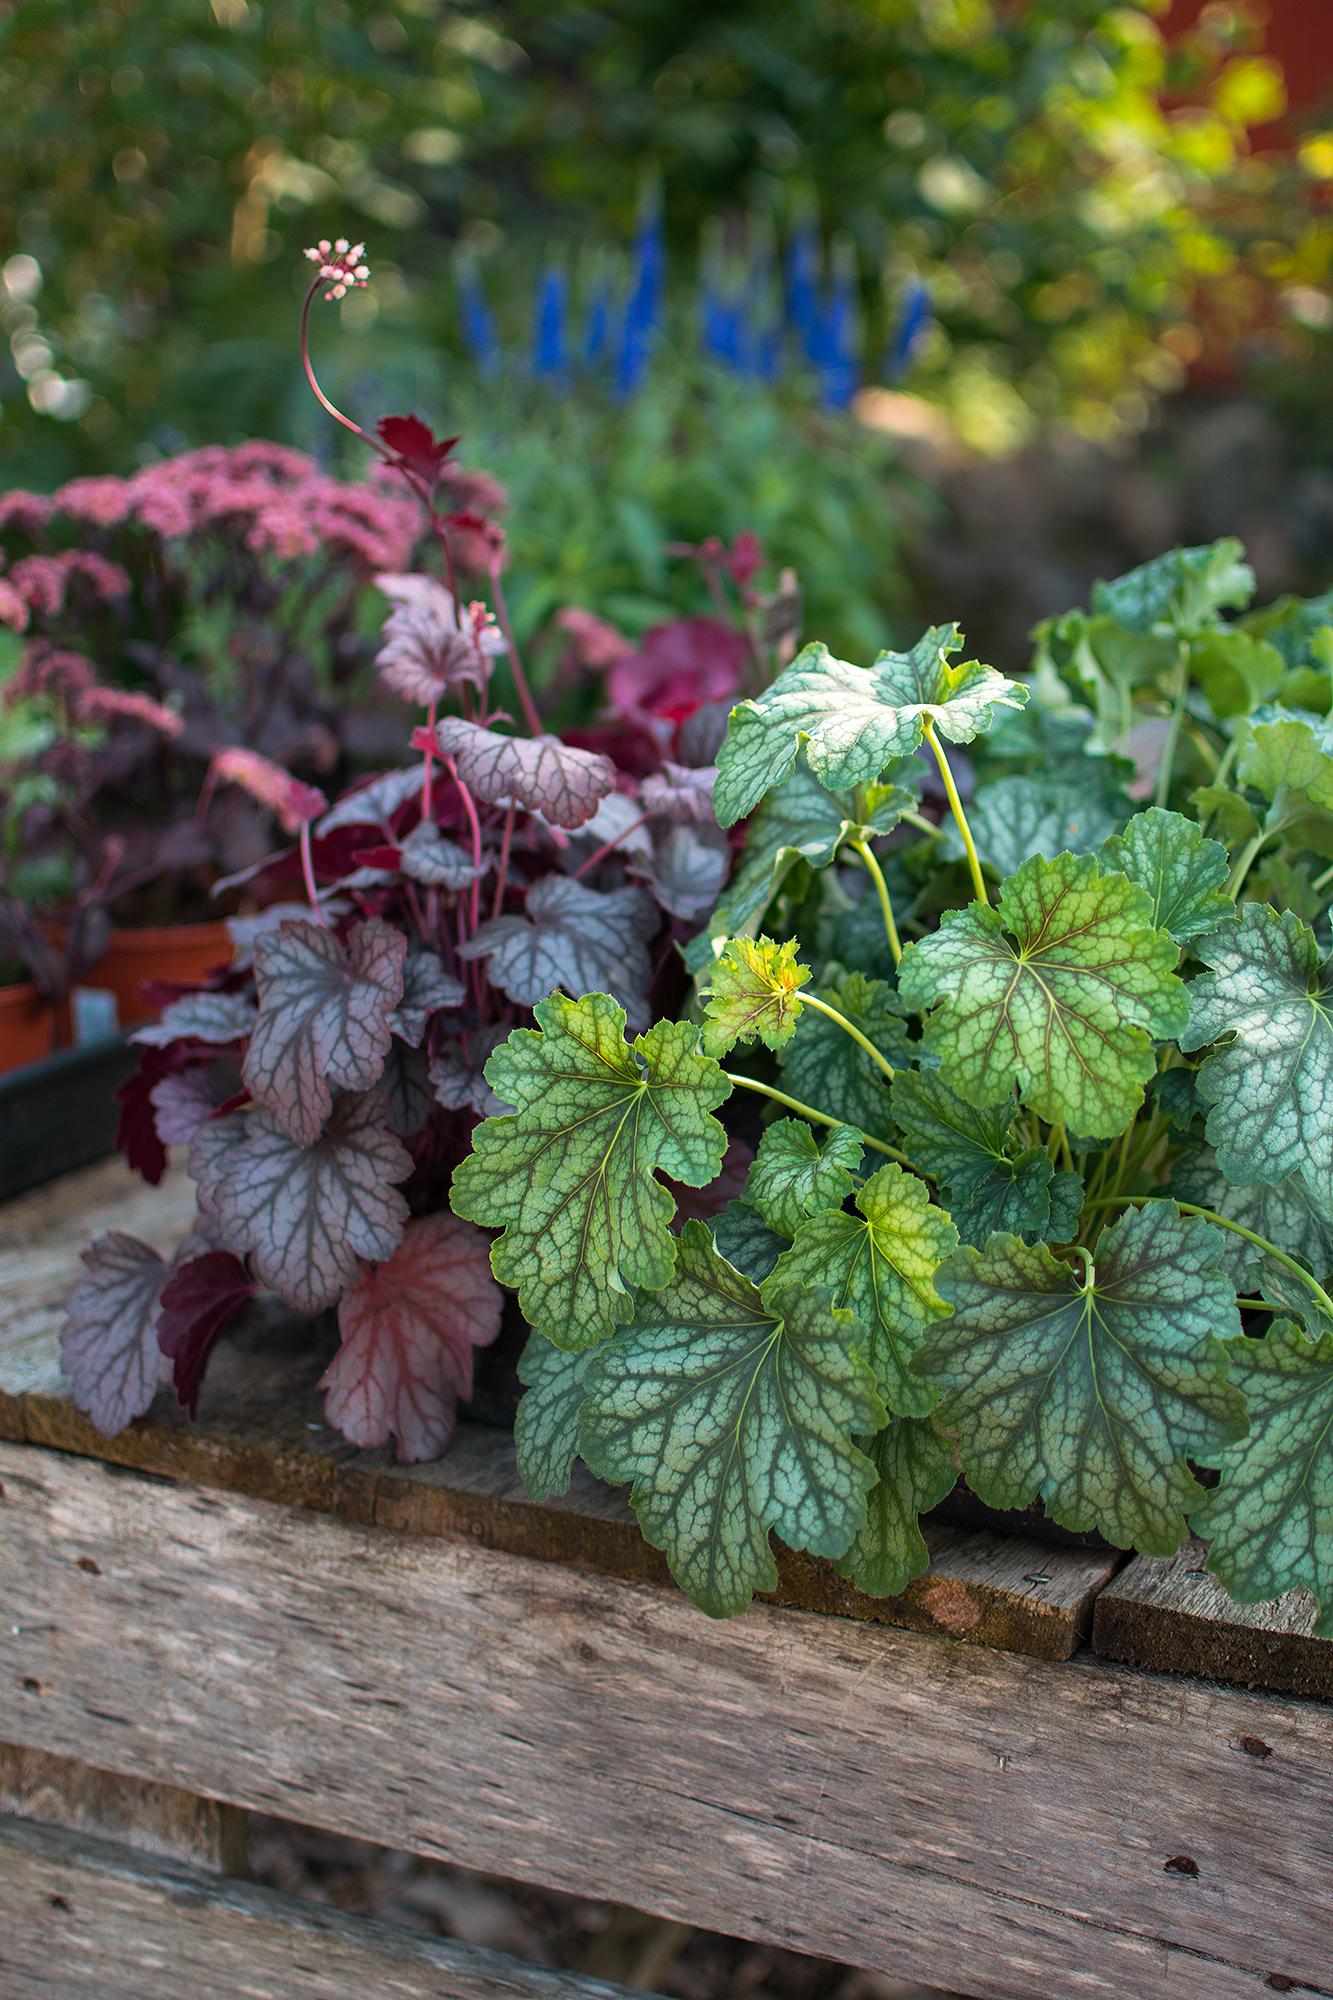 Nya plantor till salu, bland annat många olika sorters alunrot